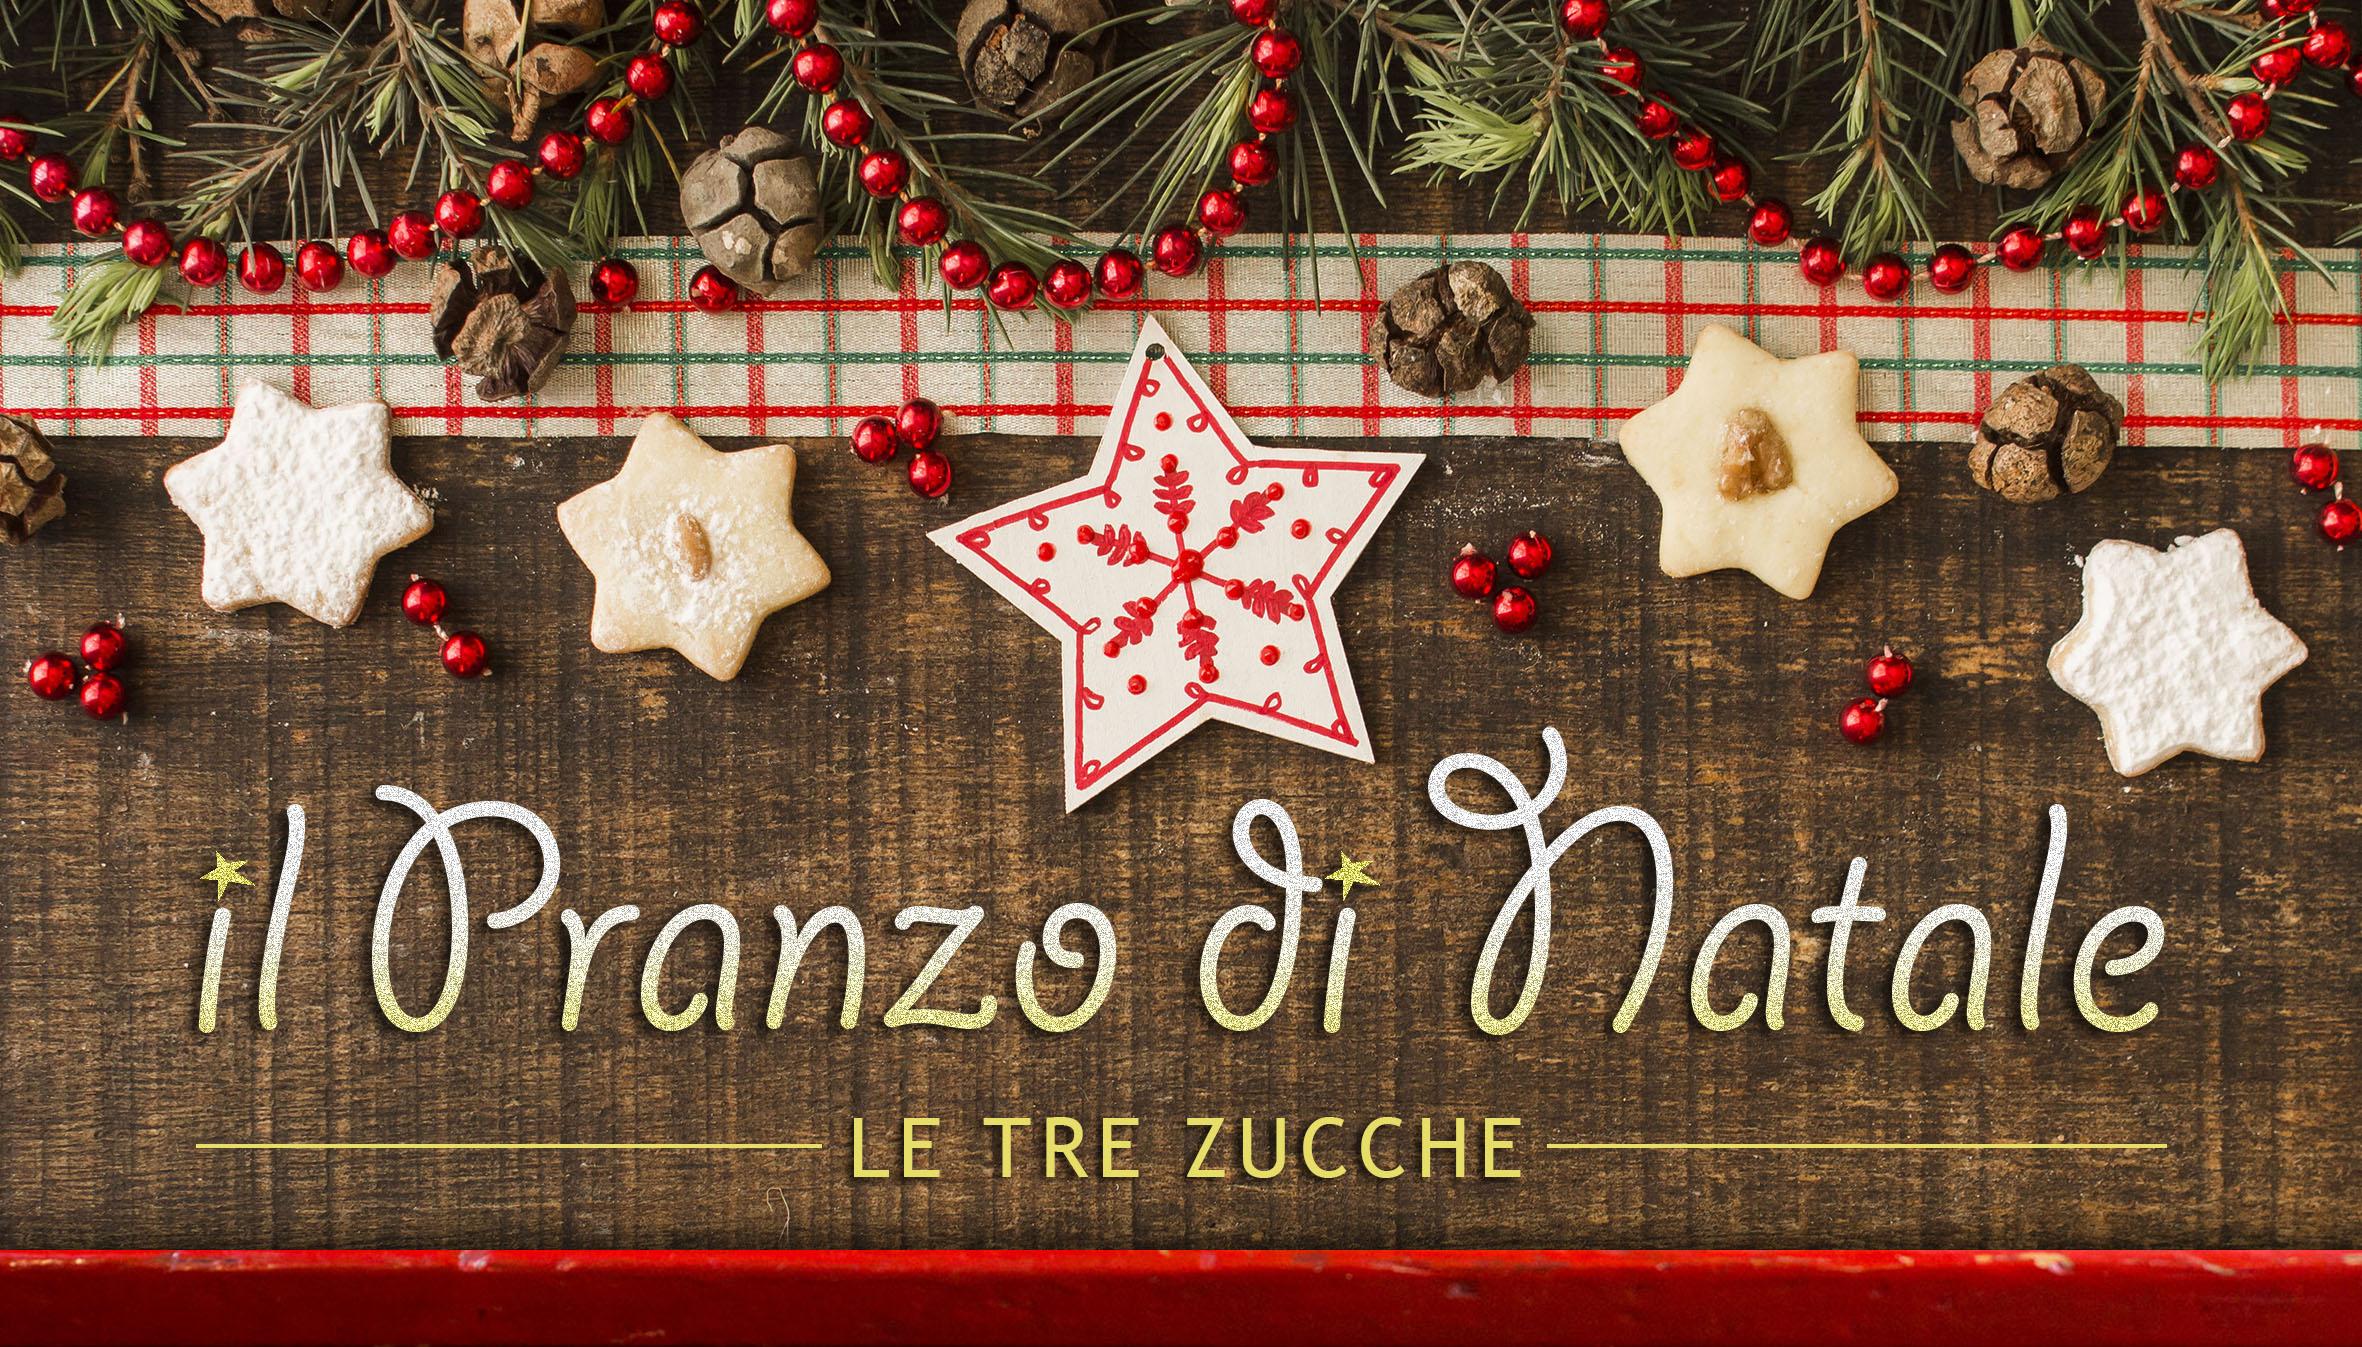 Un Menu Per Il Pranzo Di Natale.Il Pranzo Di Natale A Le Tre Zucche Le Tre Zucche